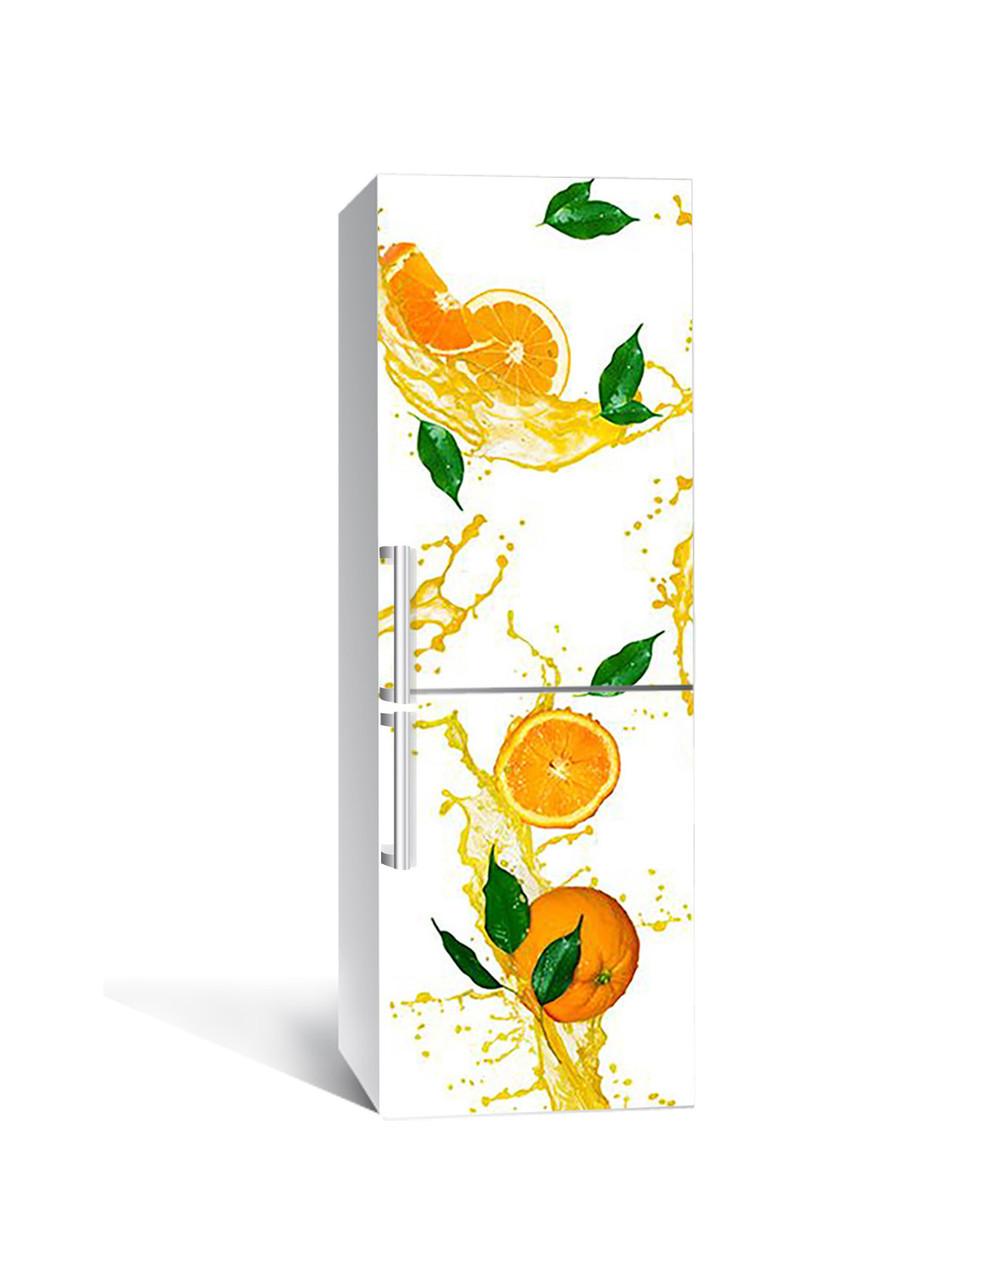 Виниловая 3Д наклейка на холодильник Апельсиновый сок (ПВХ пленка самоклеющаяся) цитрусы Фрукты Оранжевый 650*2000 мм